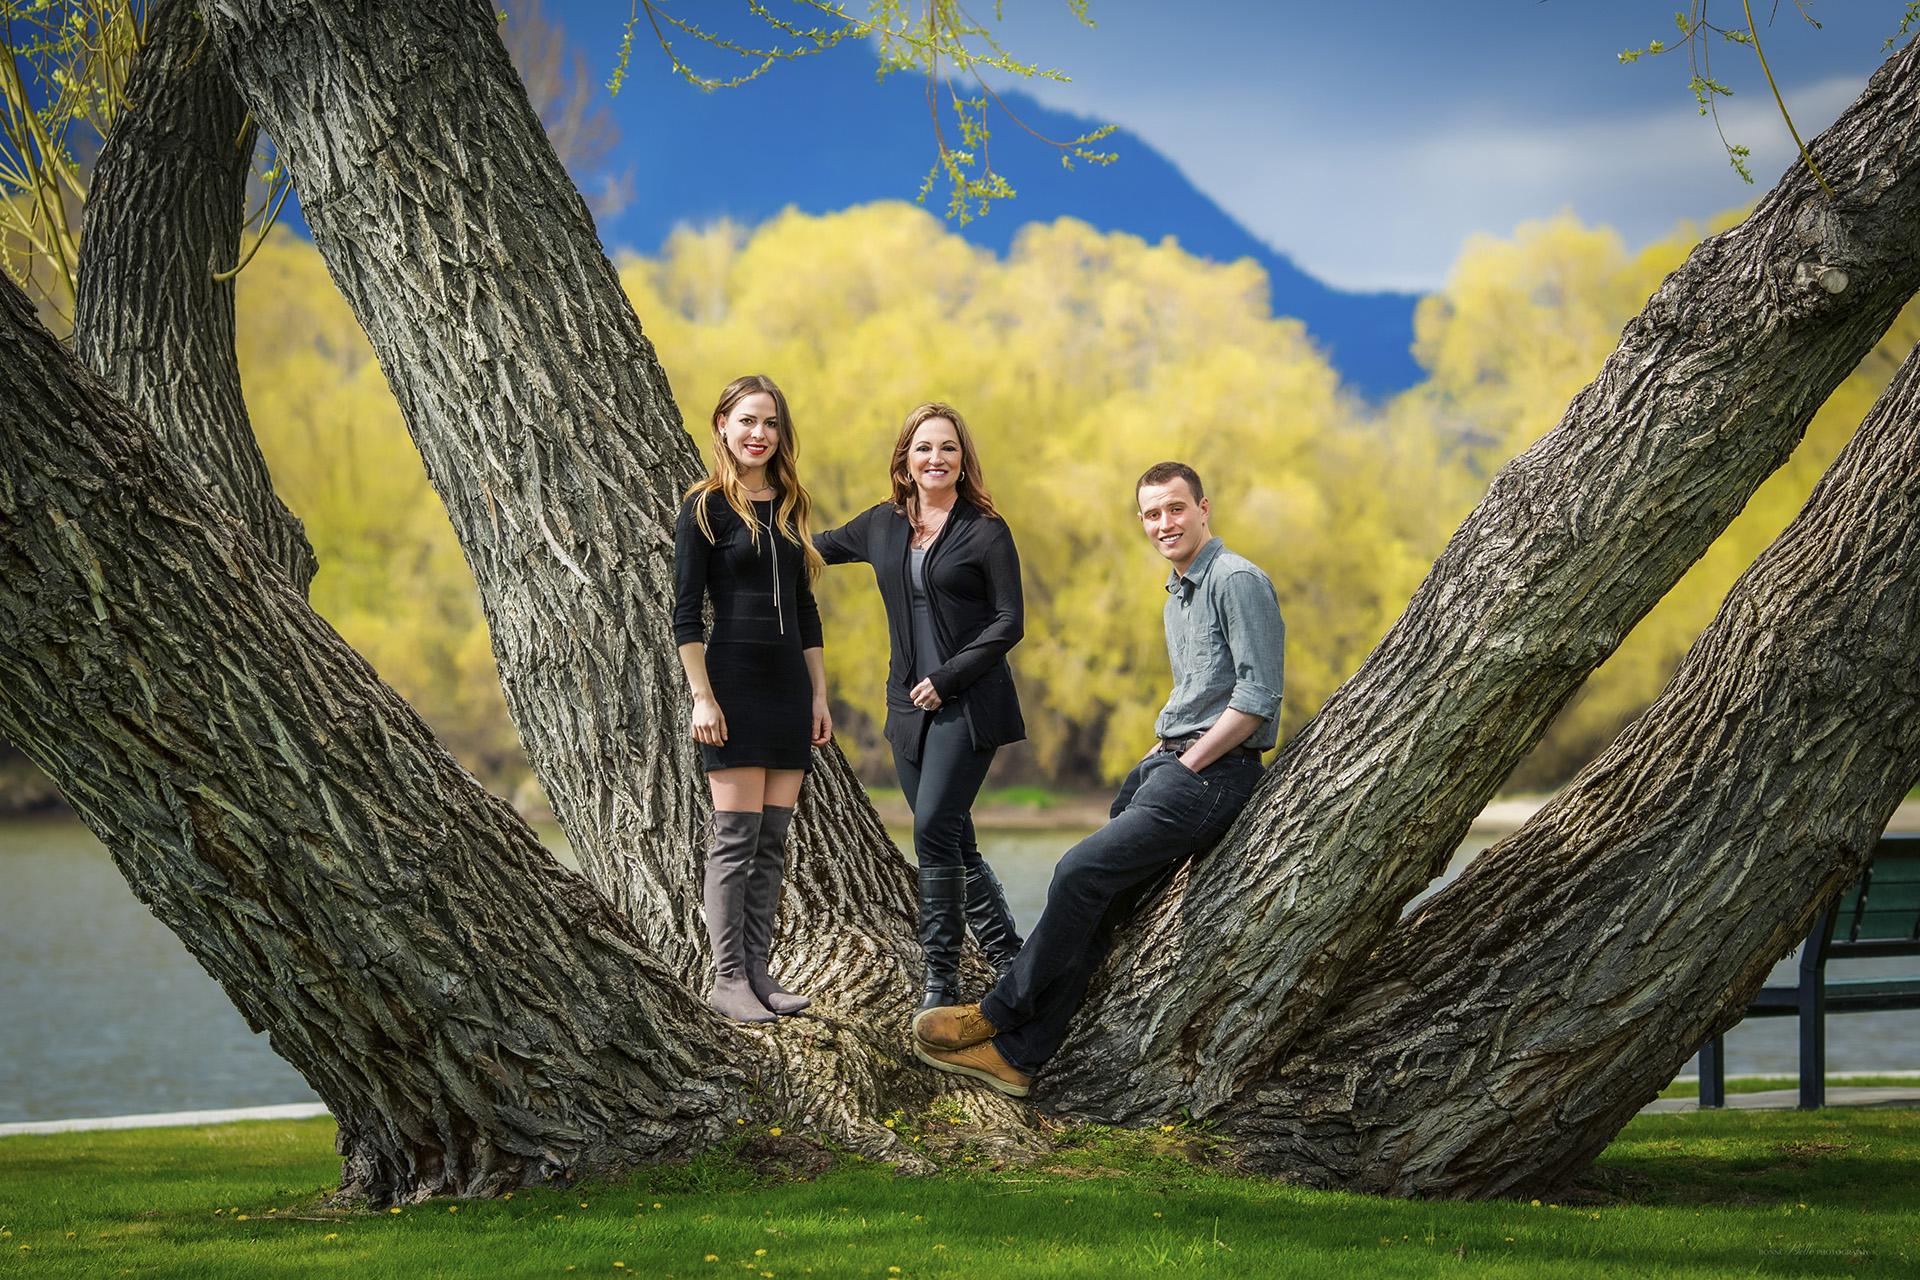 Family portrait in tree in park